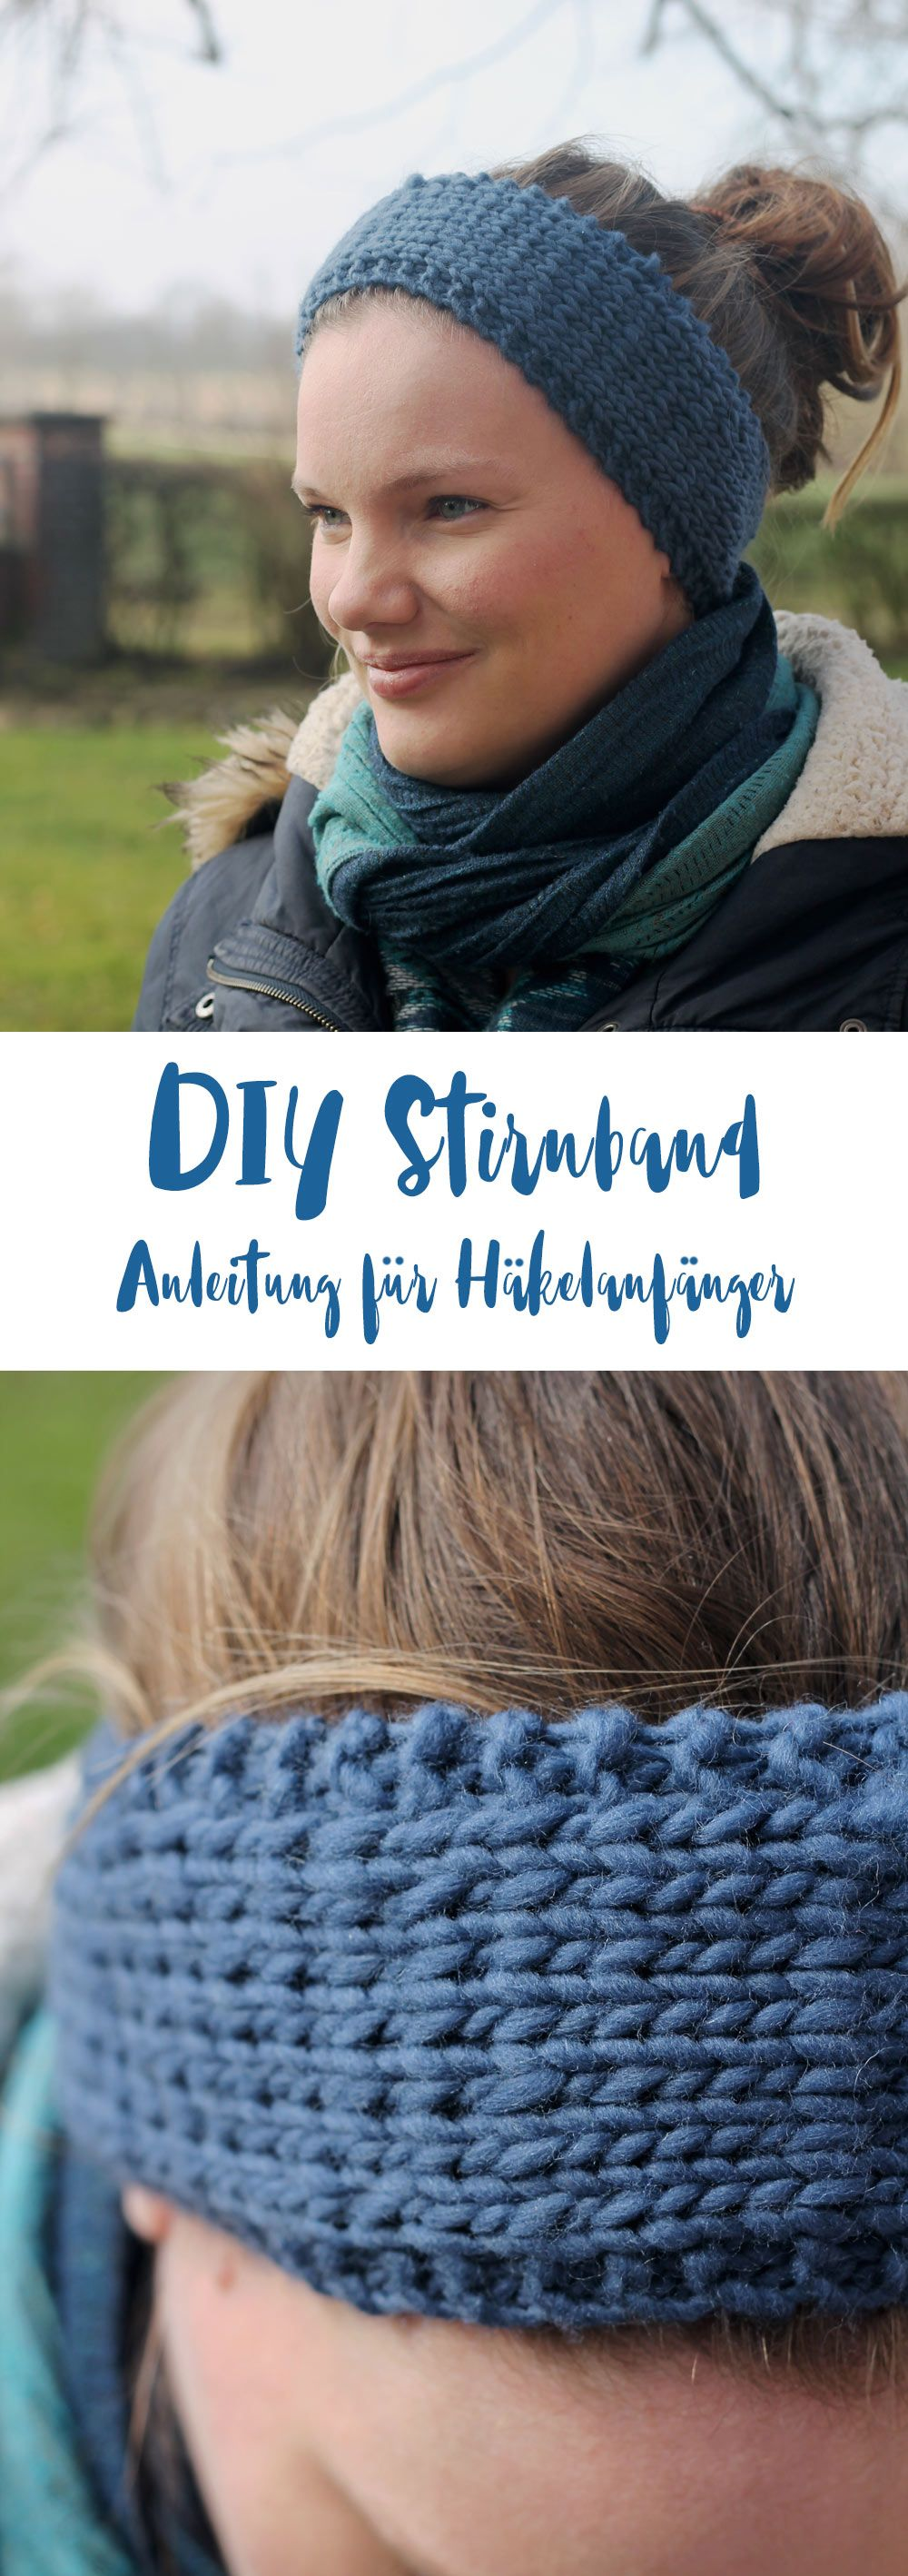 DIY Stirnband stricken | Stirnband häkeln, Diy geschenkideen und ...